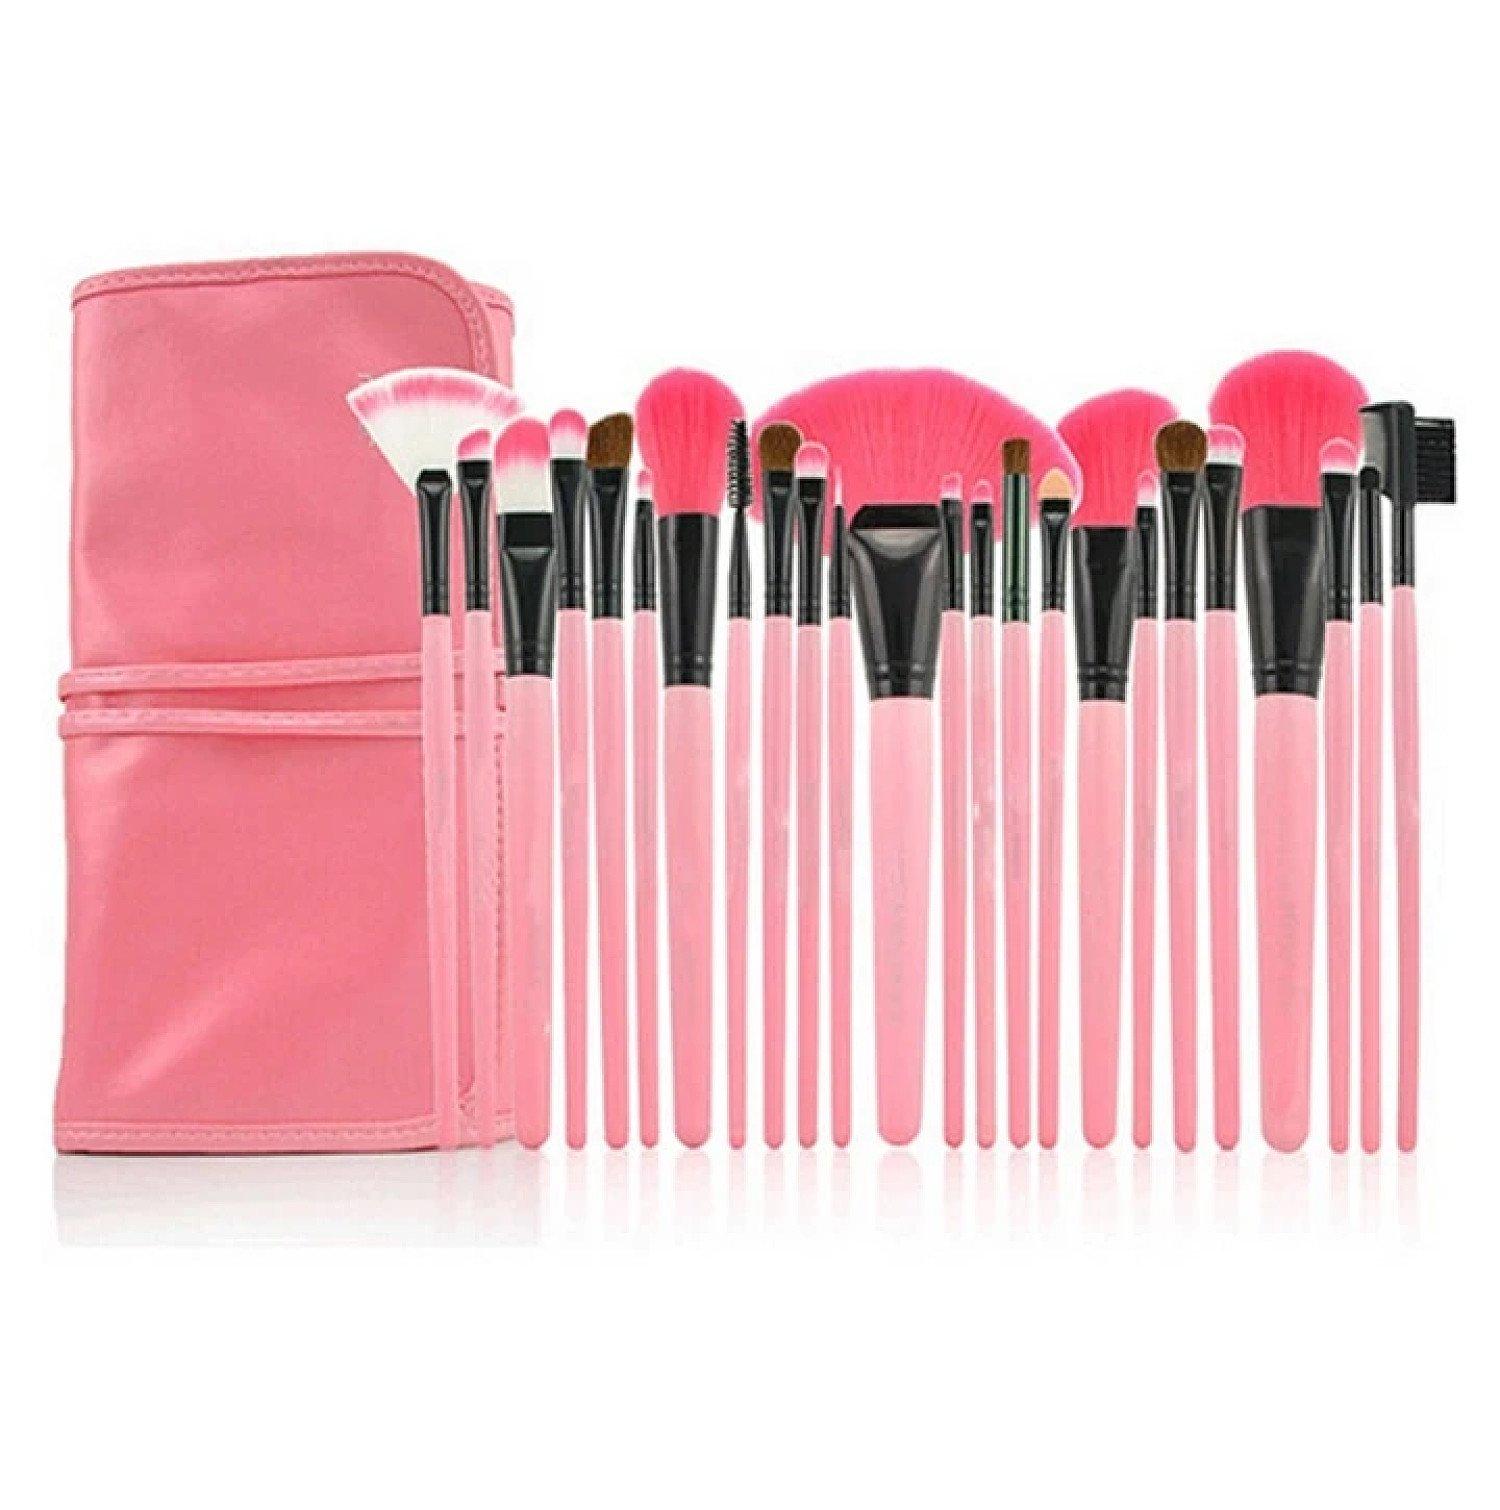 24pcs Pink Makeup Brush Set Free Postage